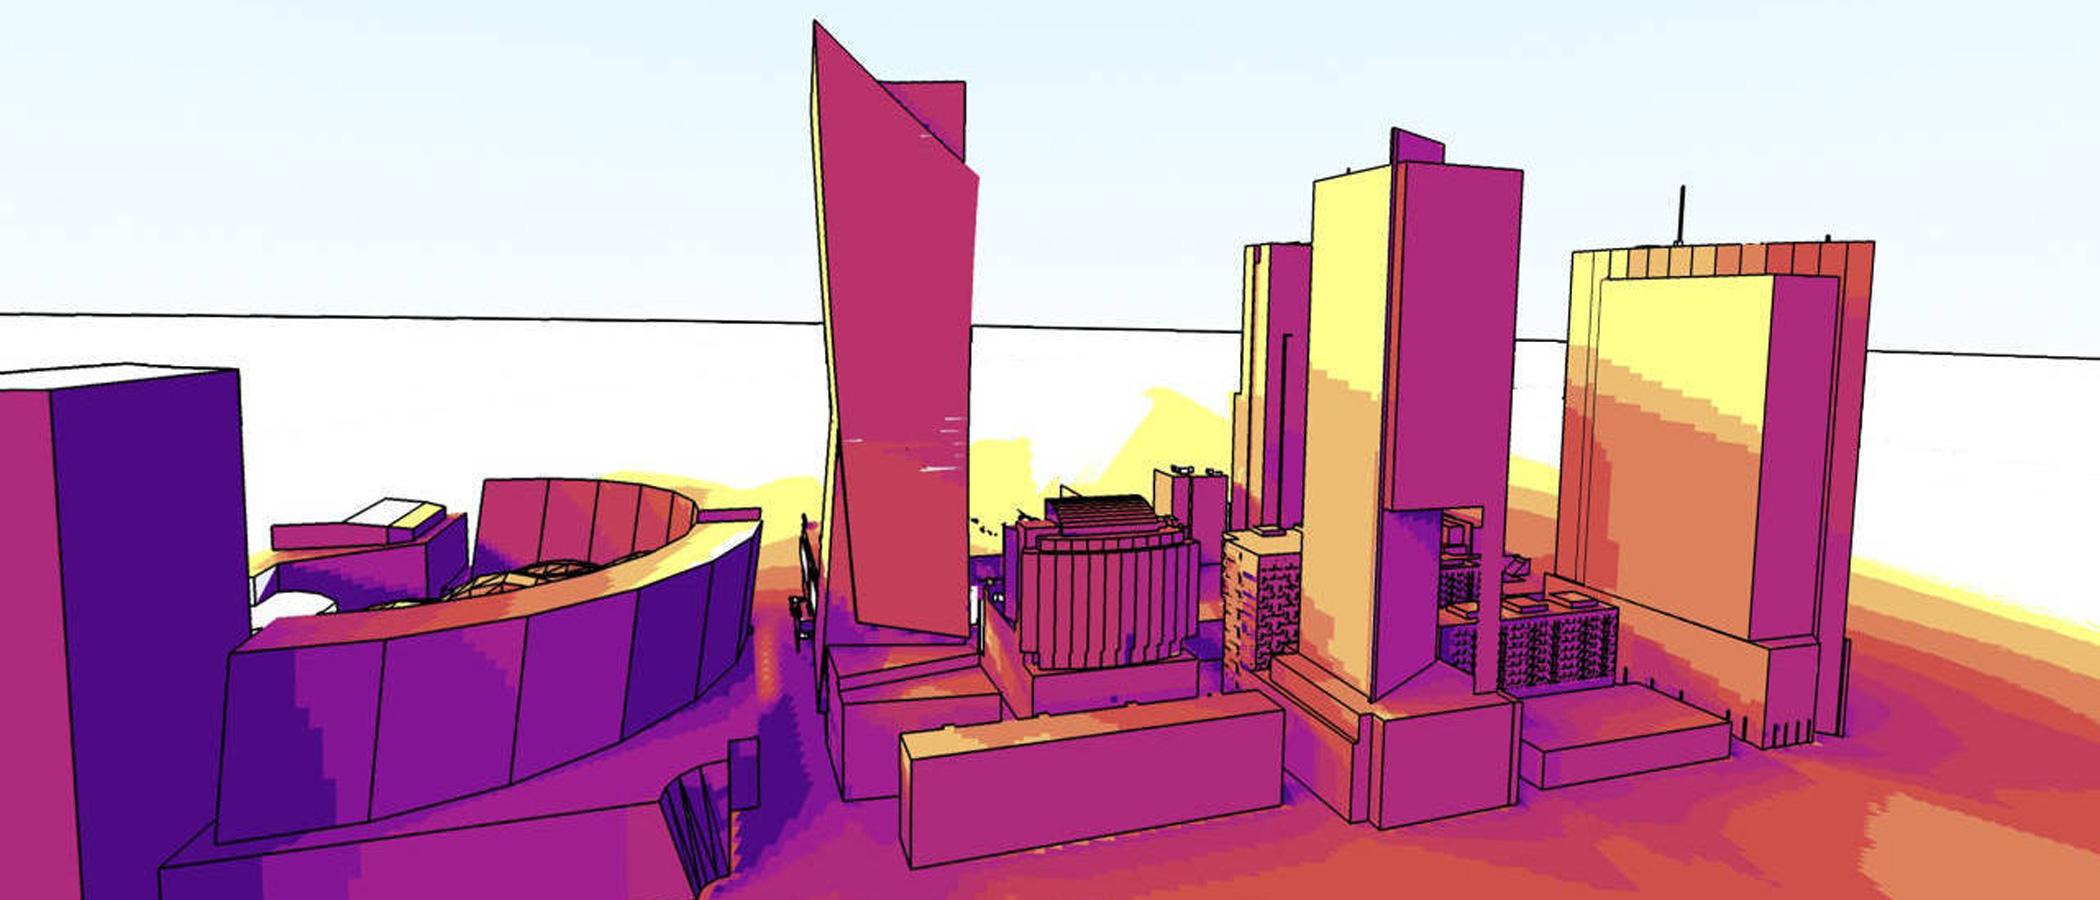 Analiza nasłonecznienia i zacienienia   Shadow Analysis dla SketchUp